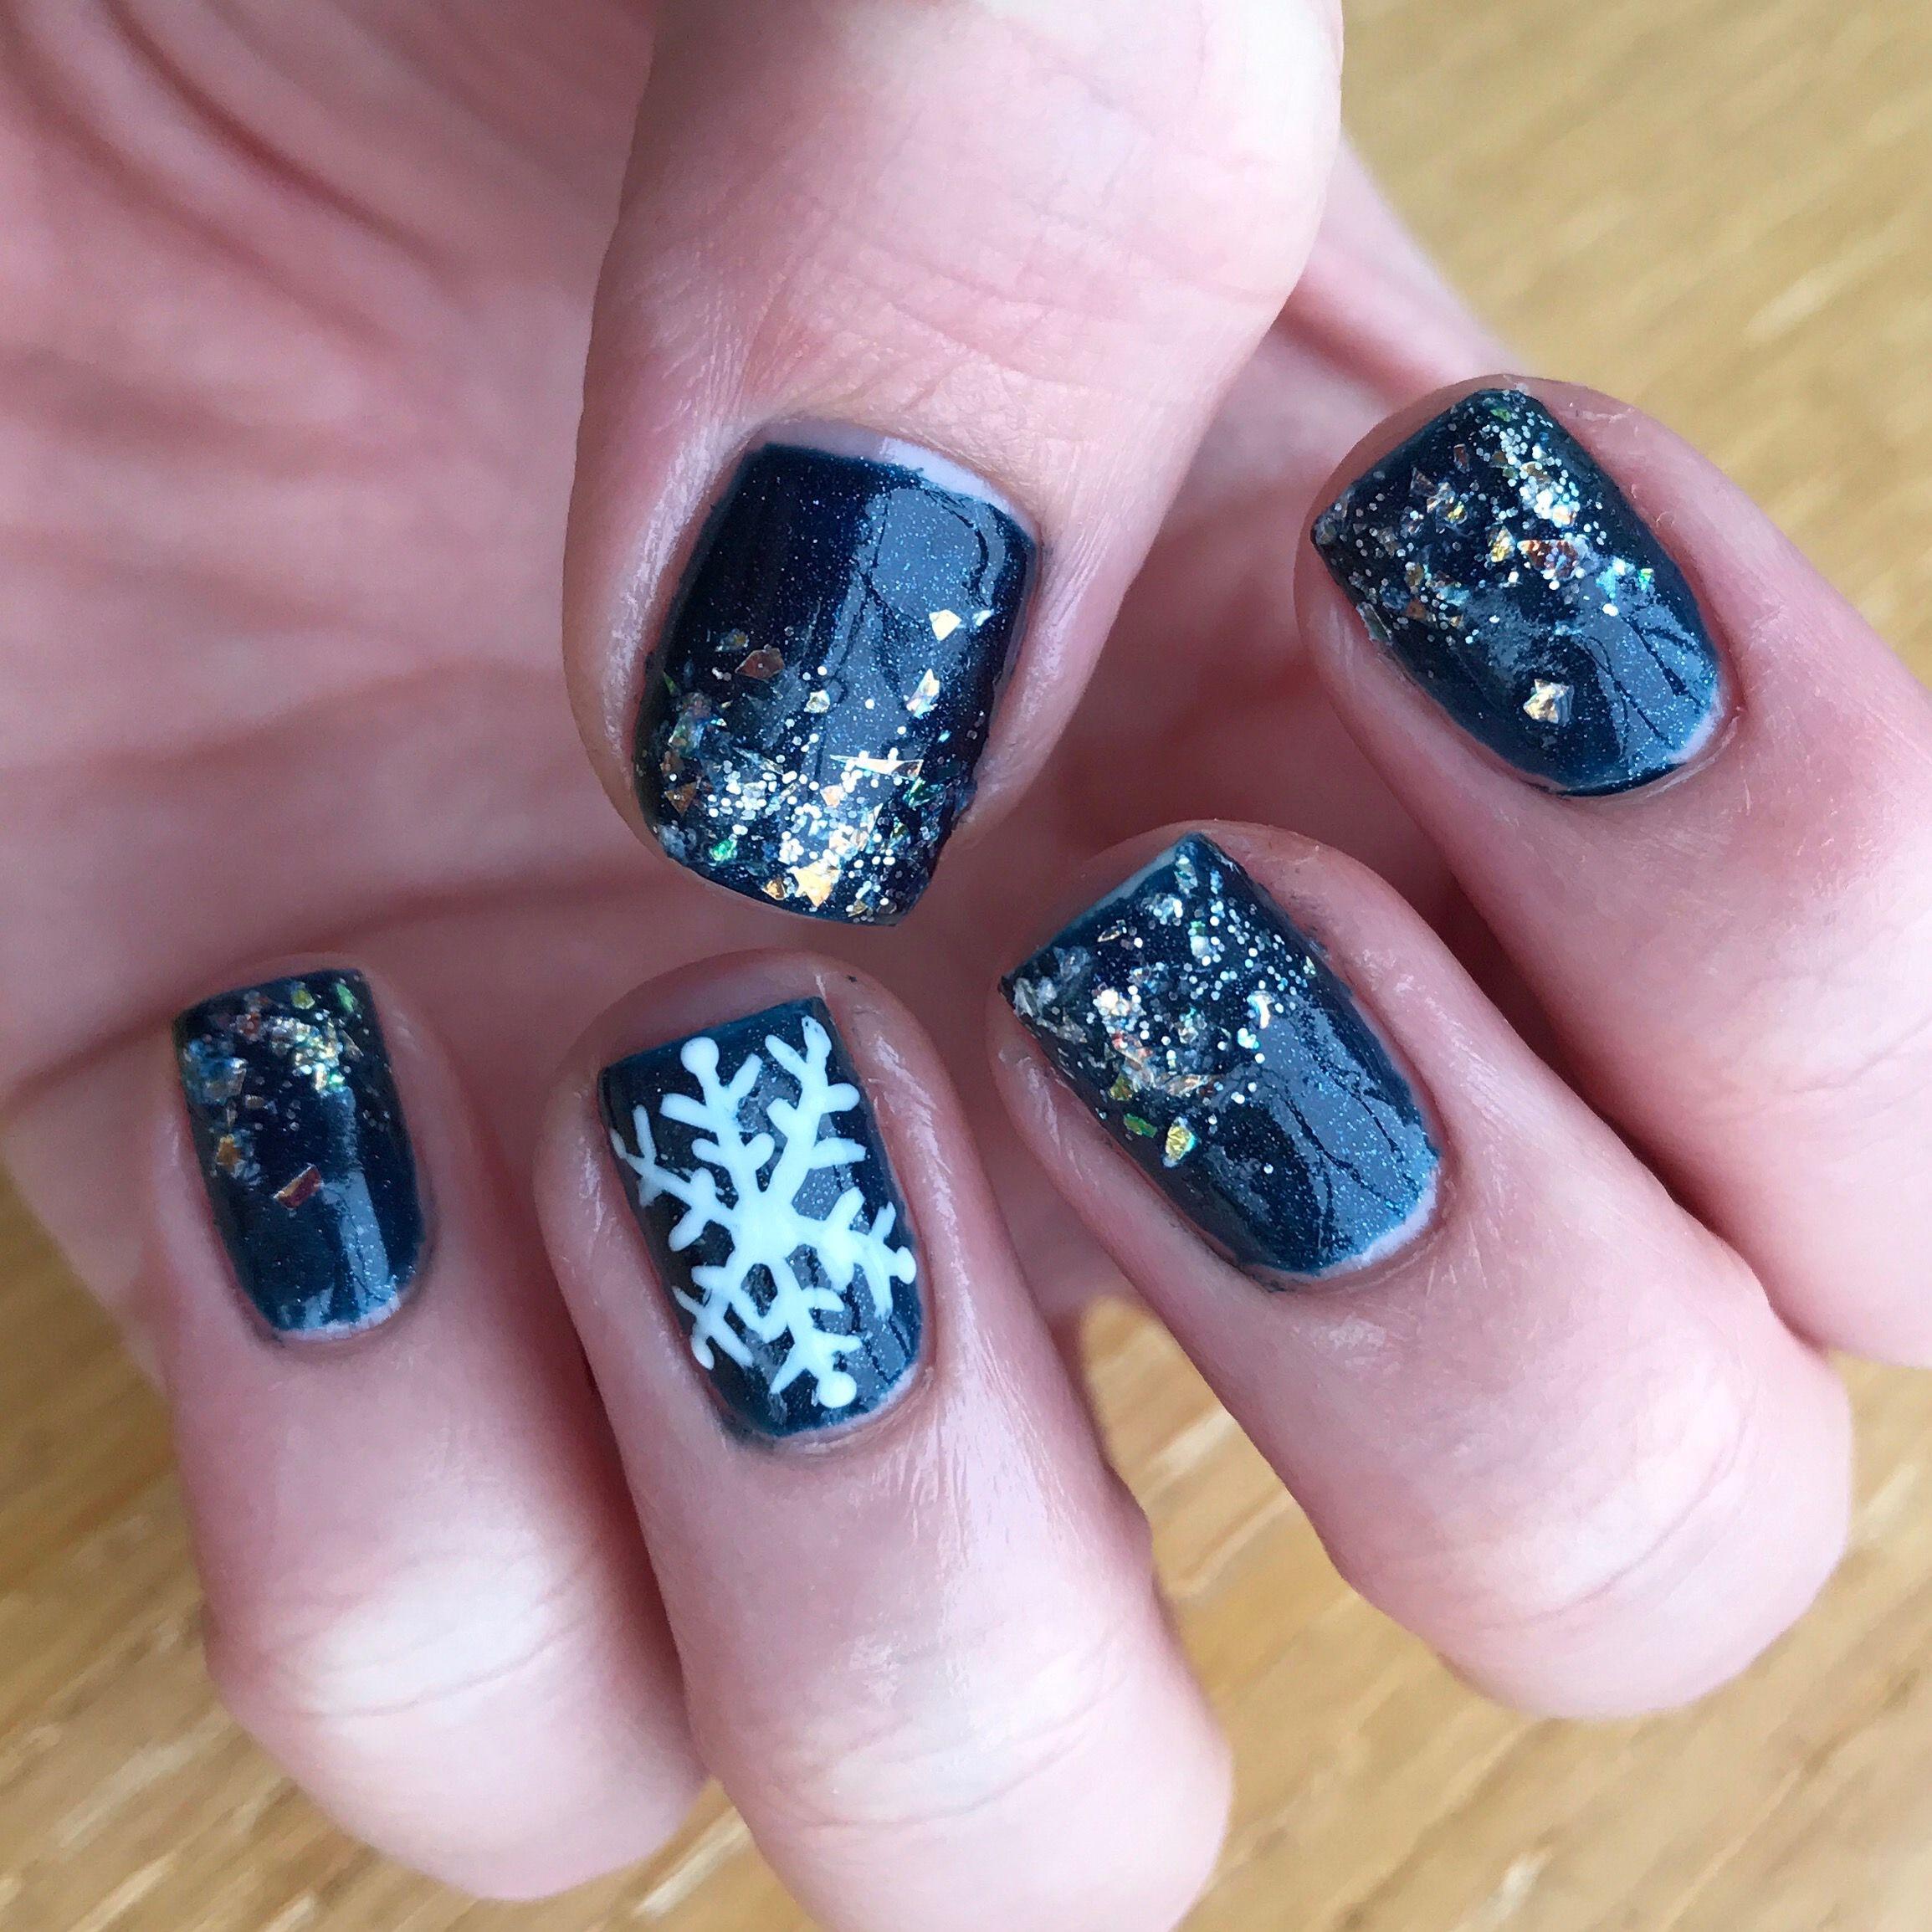 Nail designs. Glitter nails. Shellac nail designs. Dark blue nails ...